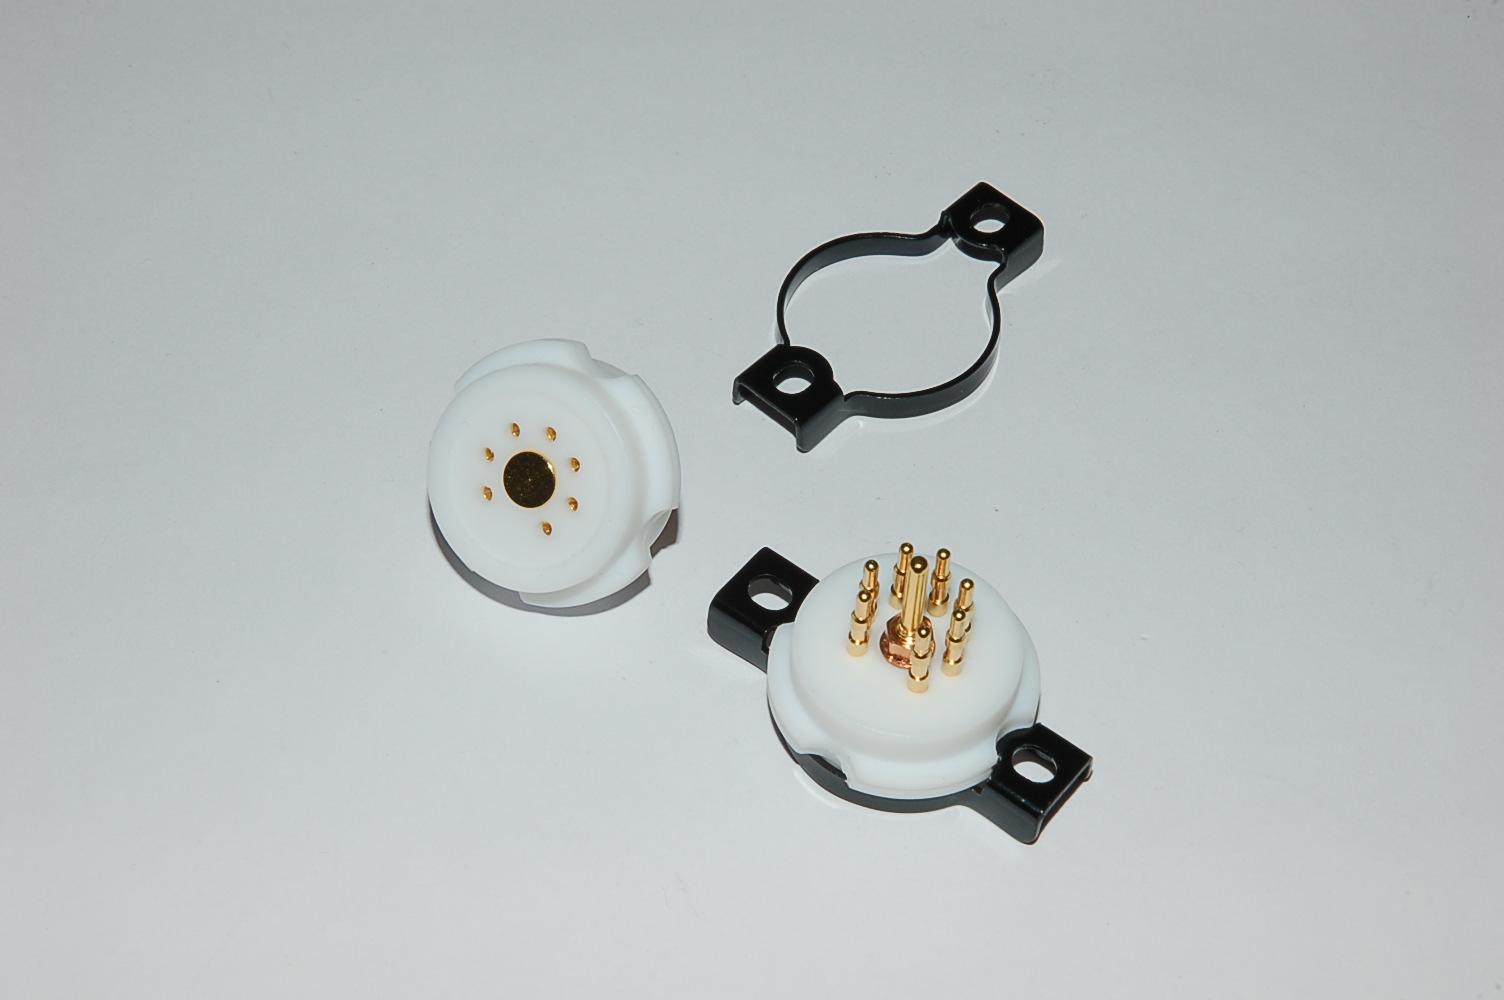 miniaturteflon